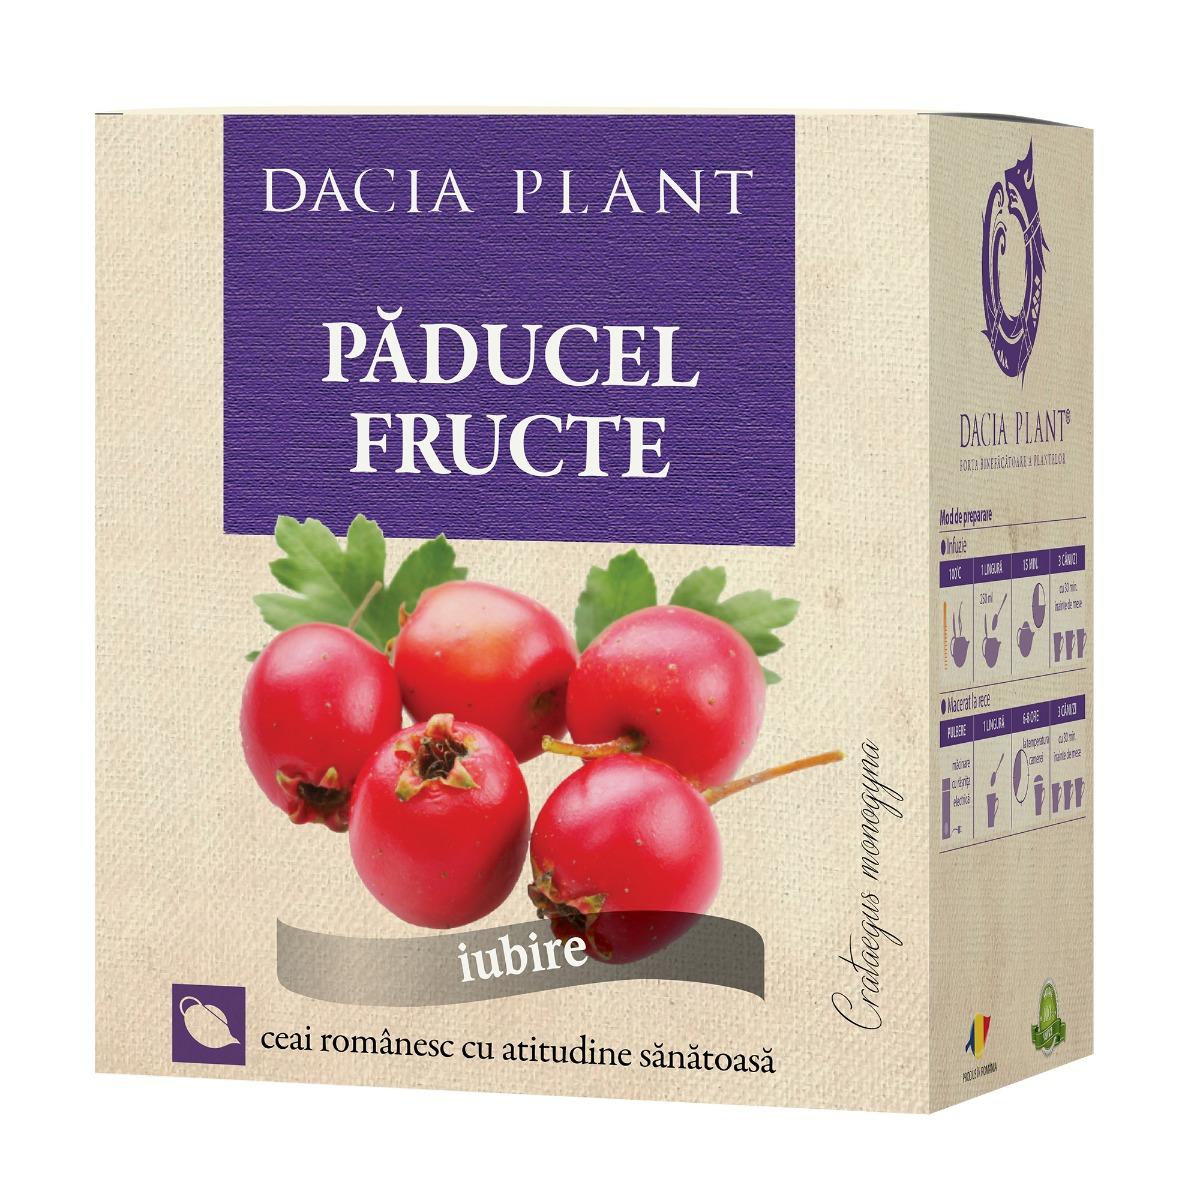 Ceai de paducel fructe, 50g, Dacia Plant drmax.ro